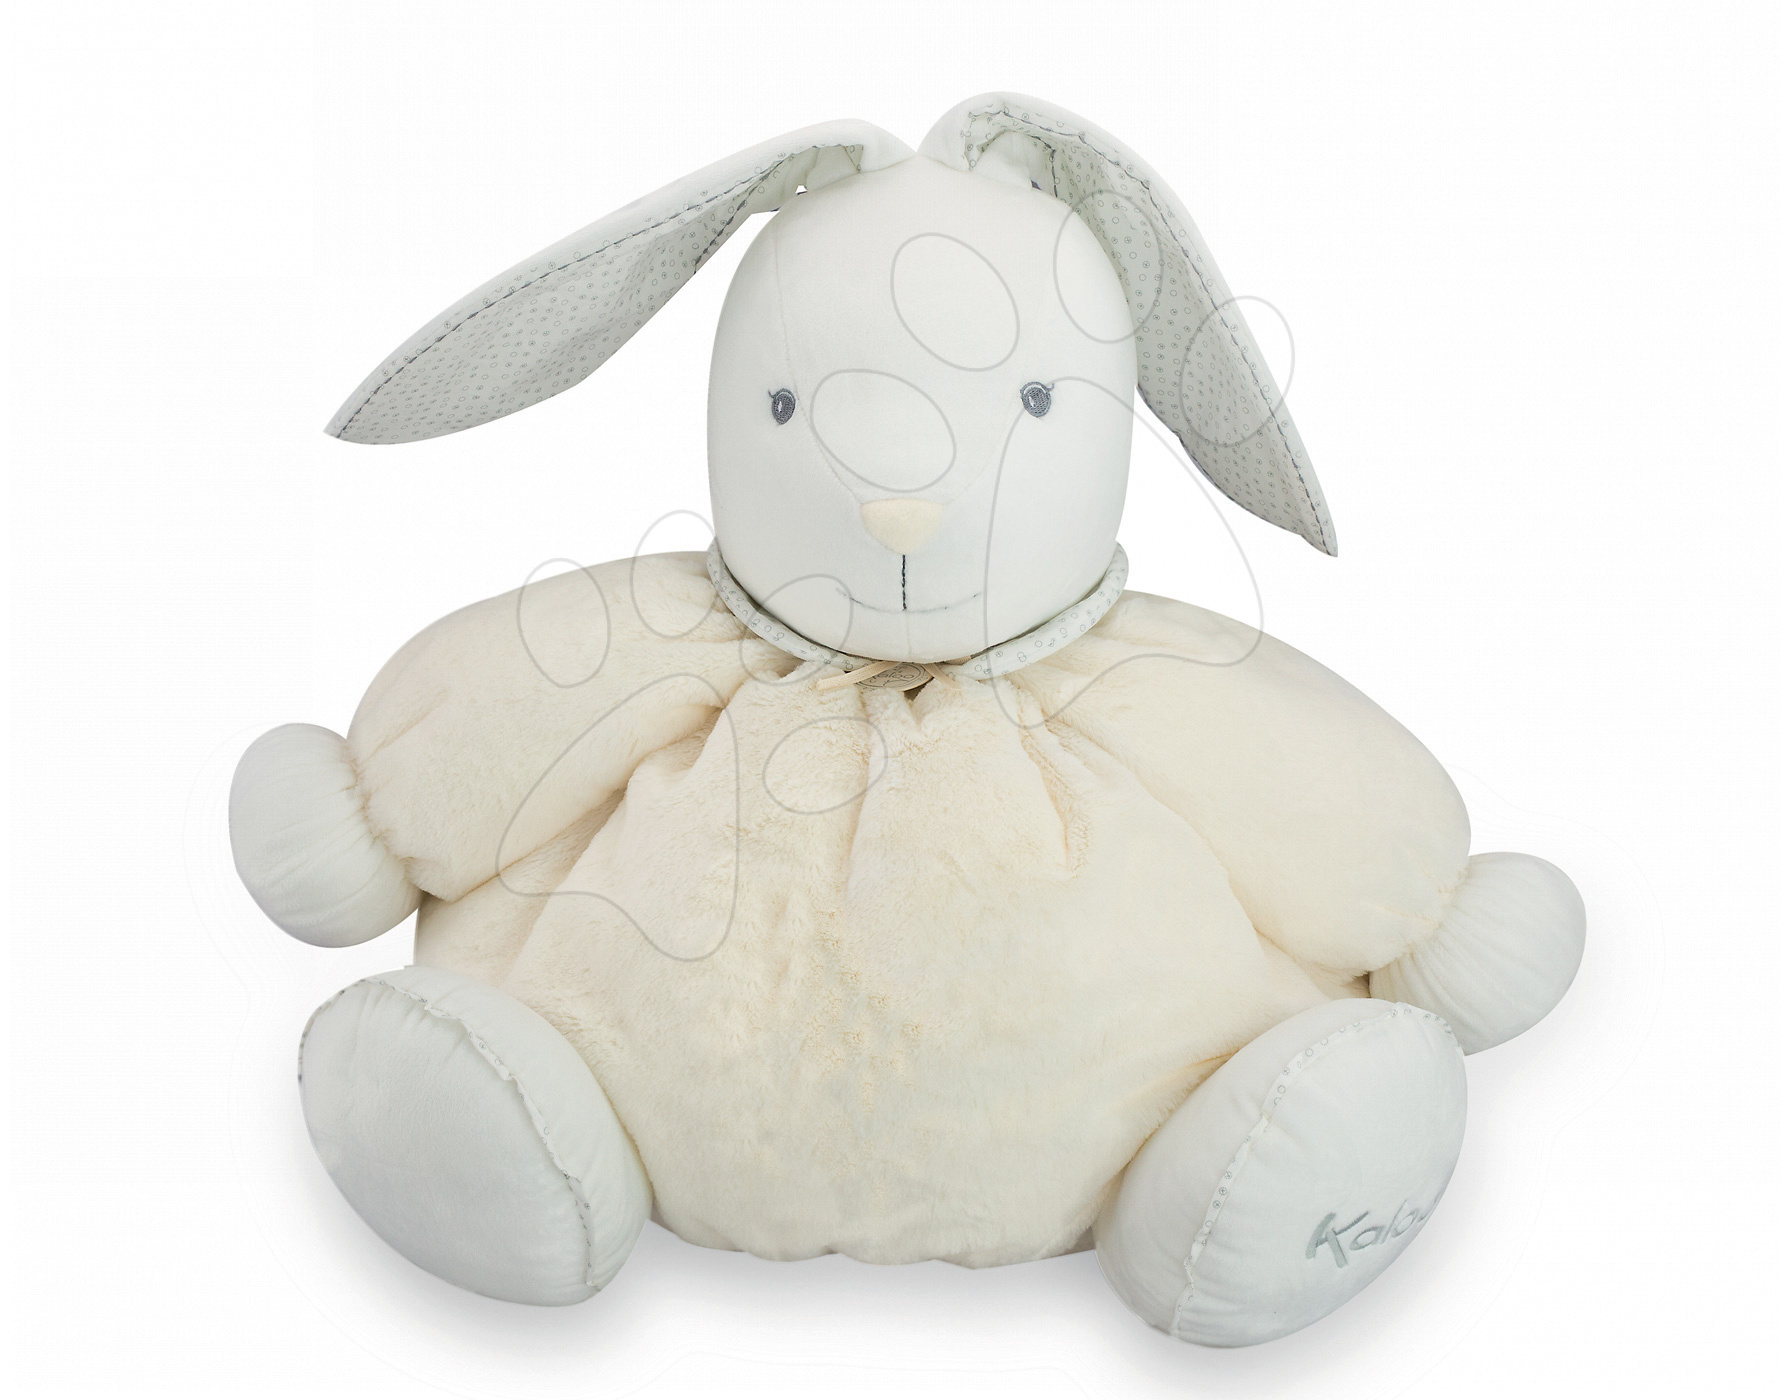 Hračky pre bábätká - Plyšový zajačik Perle-Maxi Rabbit Kaloo 50 cm pre najmenších krémový